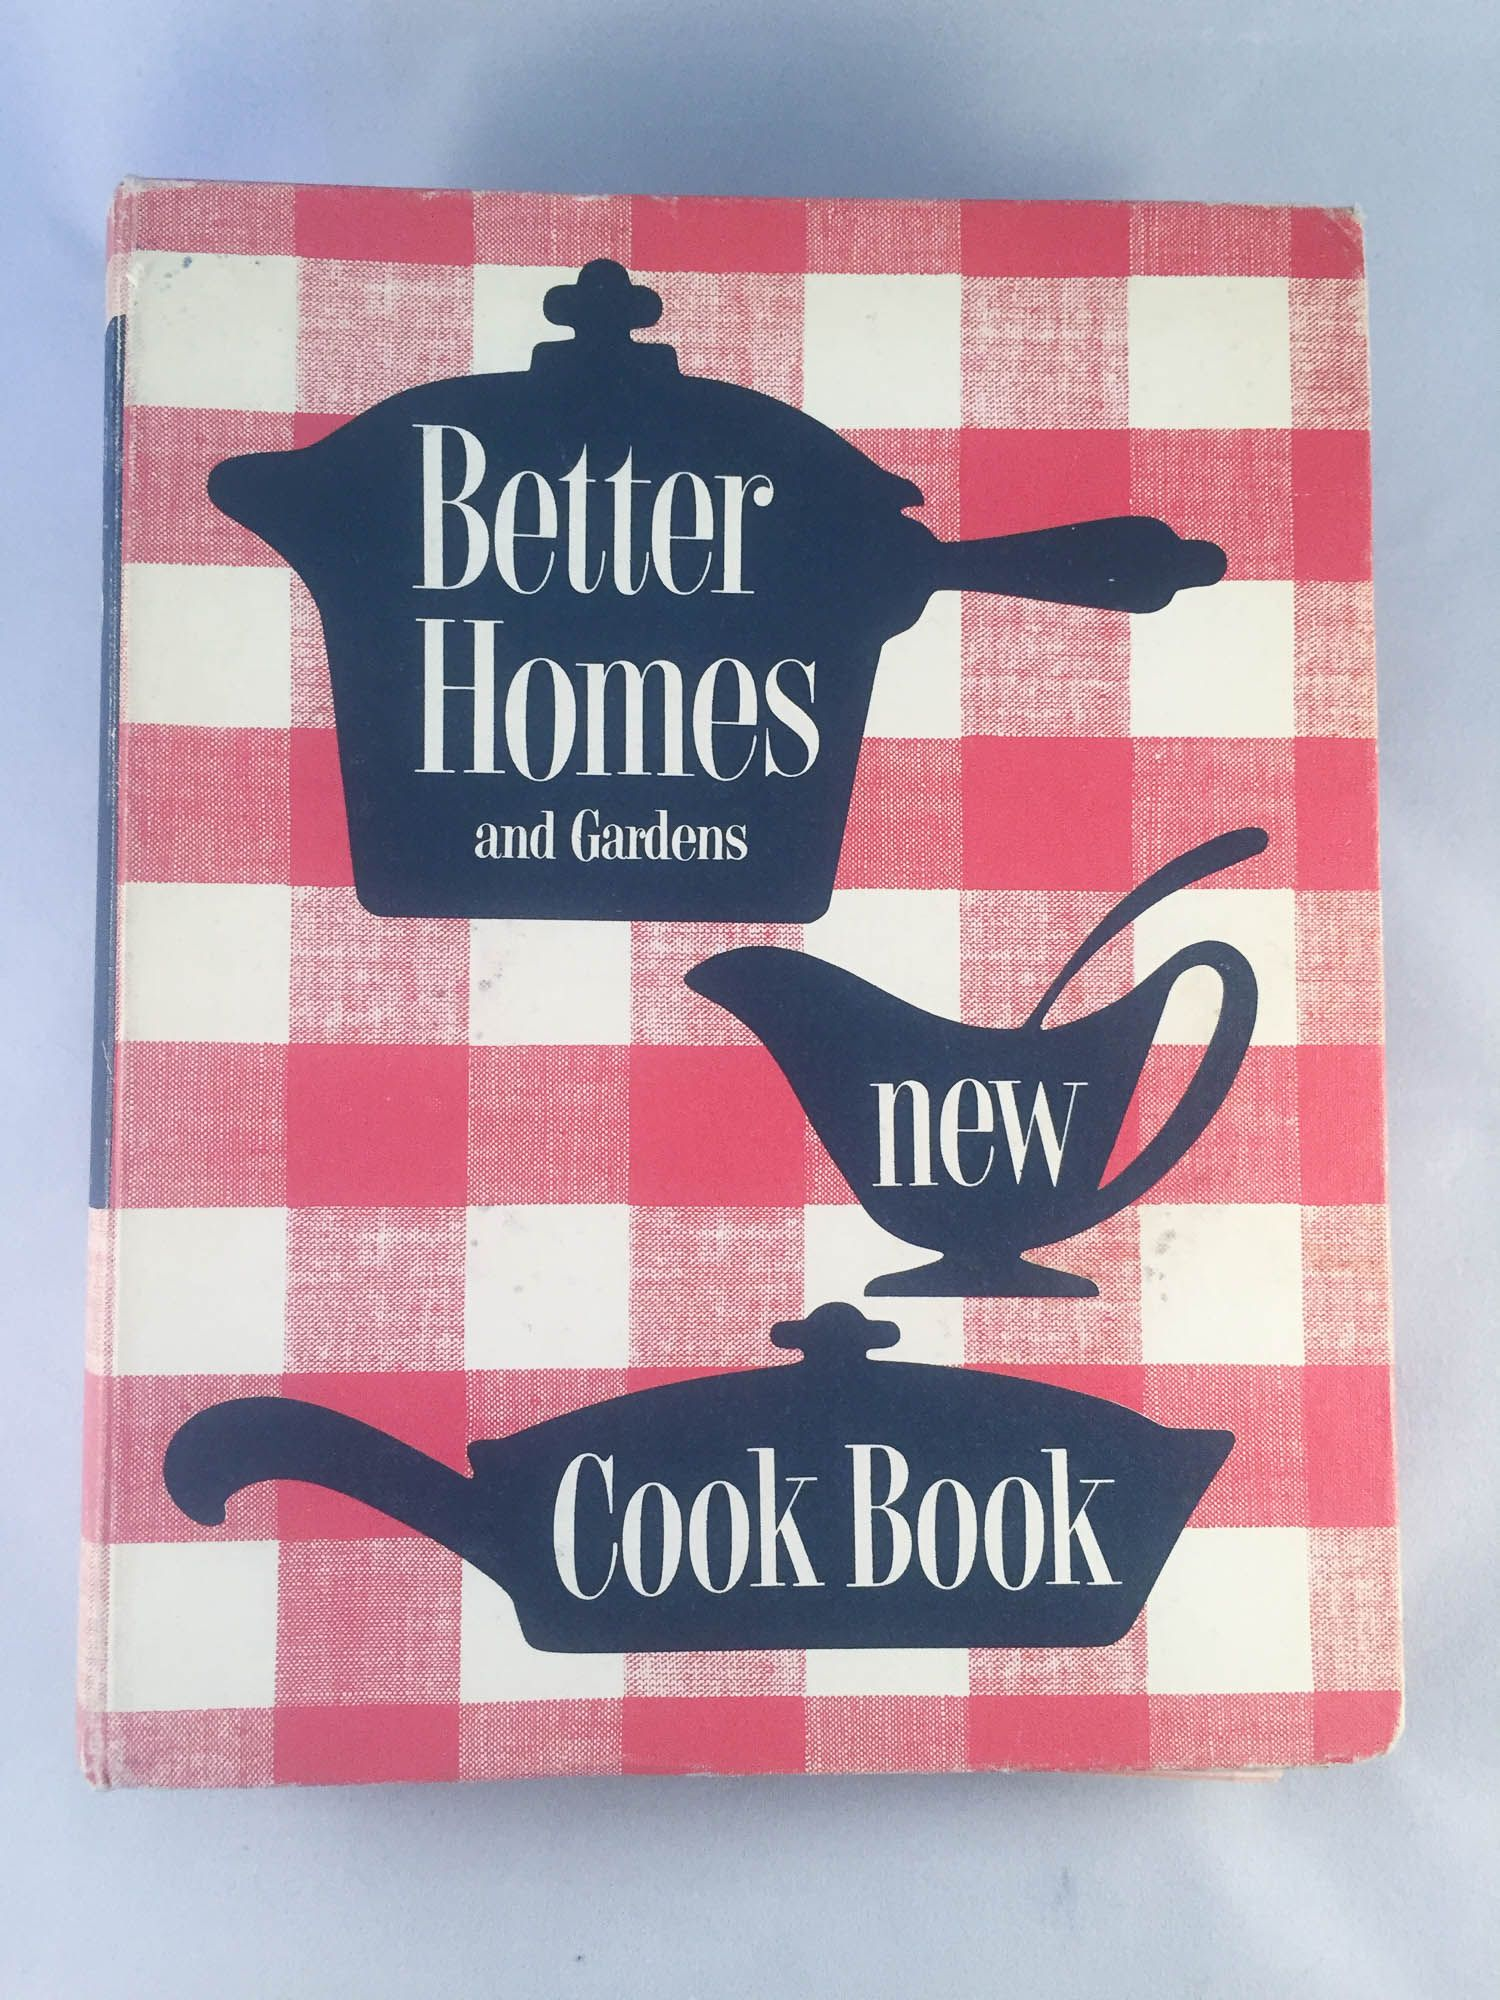 c9738b85fb782b5458104e71a3da76a2 - Better Homes And Gardens Cookbook 1953